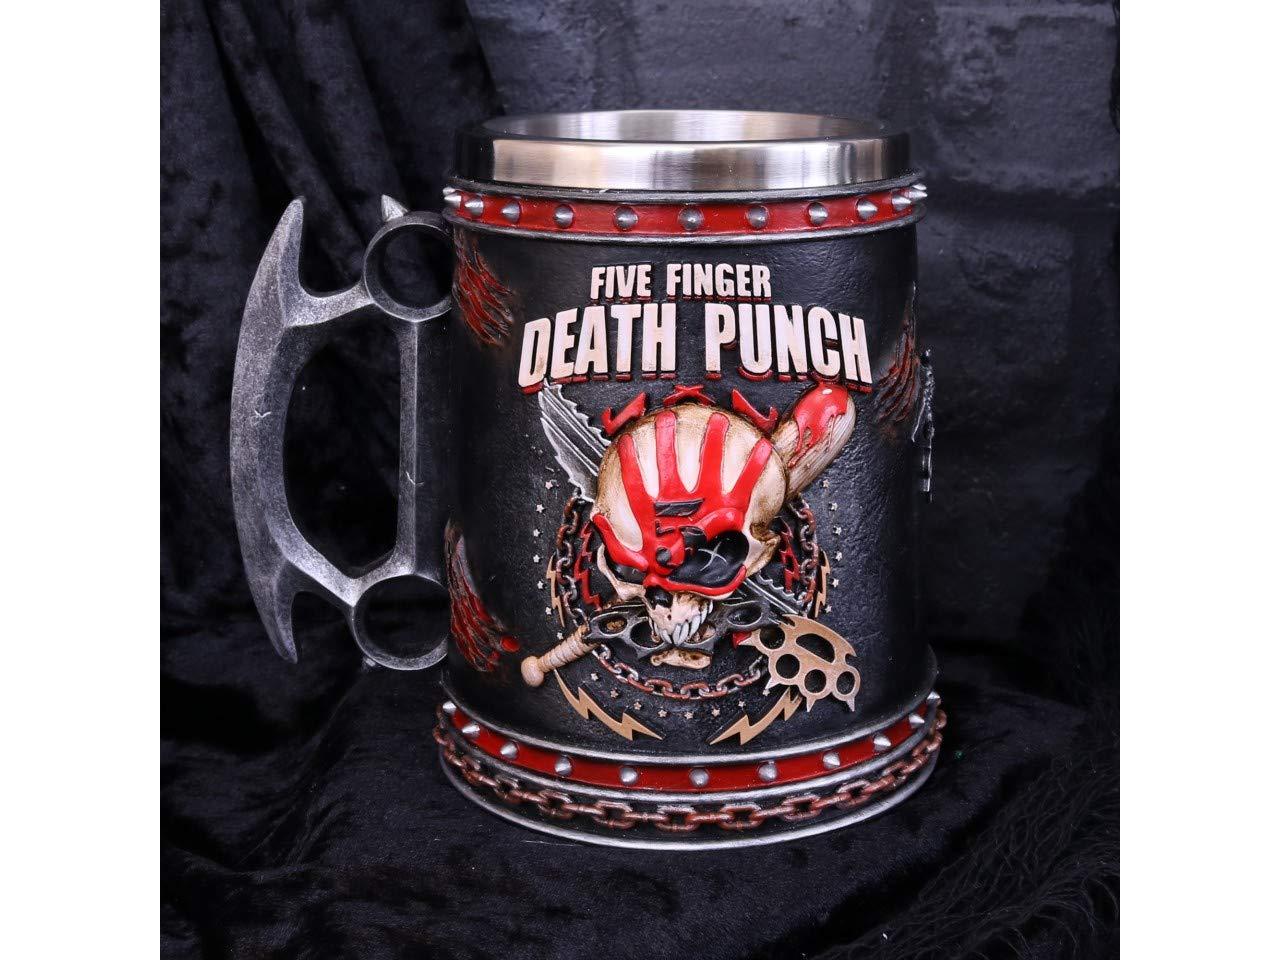 Boccale da 15 cm con Inserto in Acciaio Inox in Resina Colore: Nero Nemesis Now Five Finger Death Punch